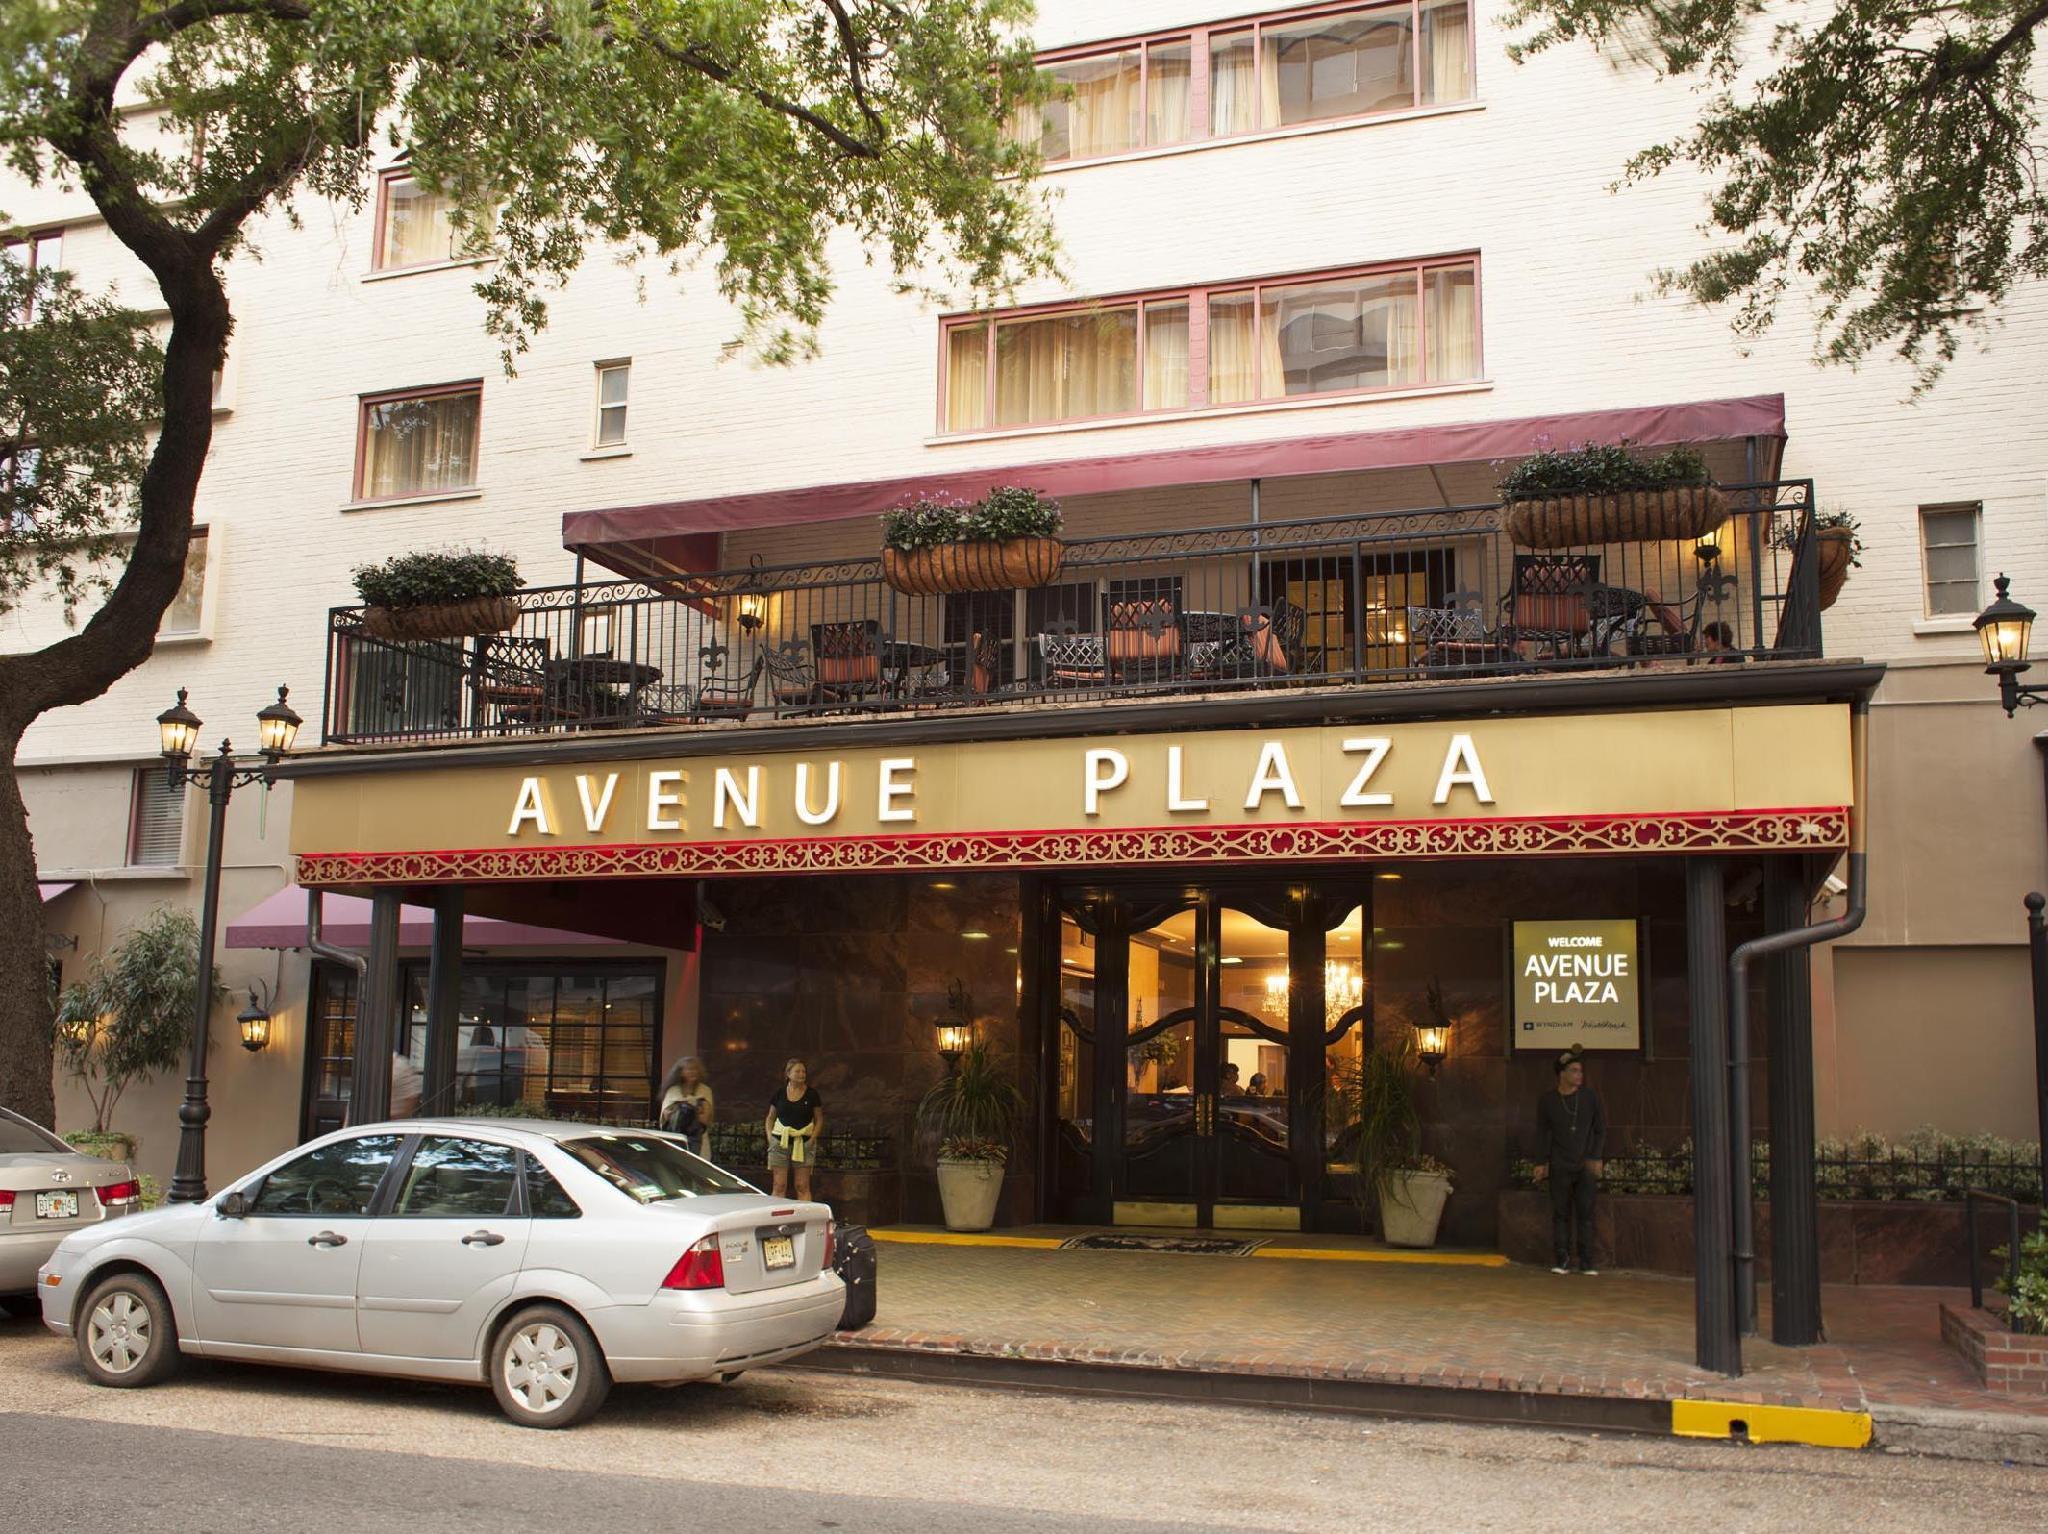 Avenue Plaza